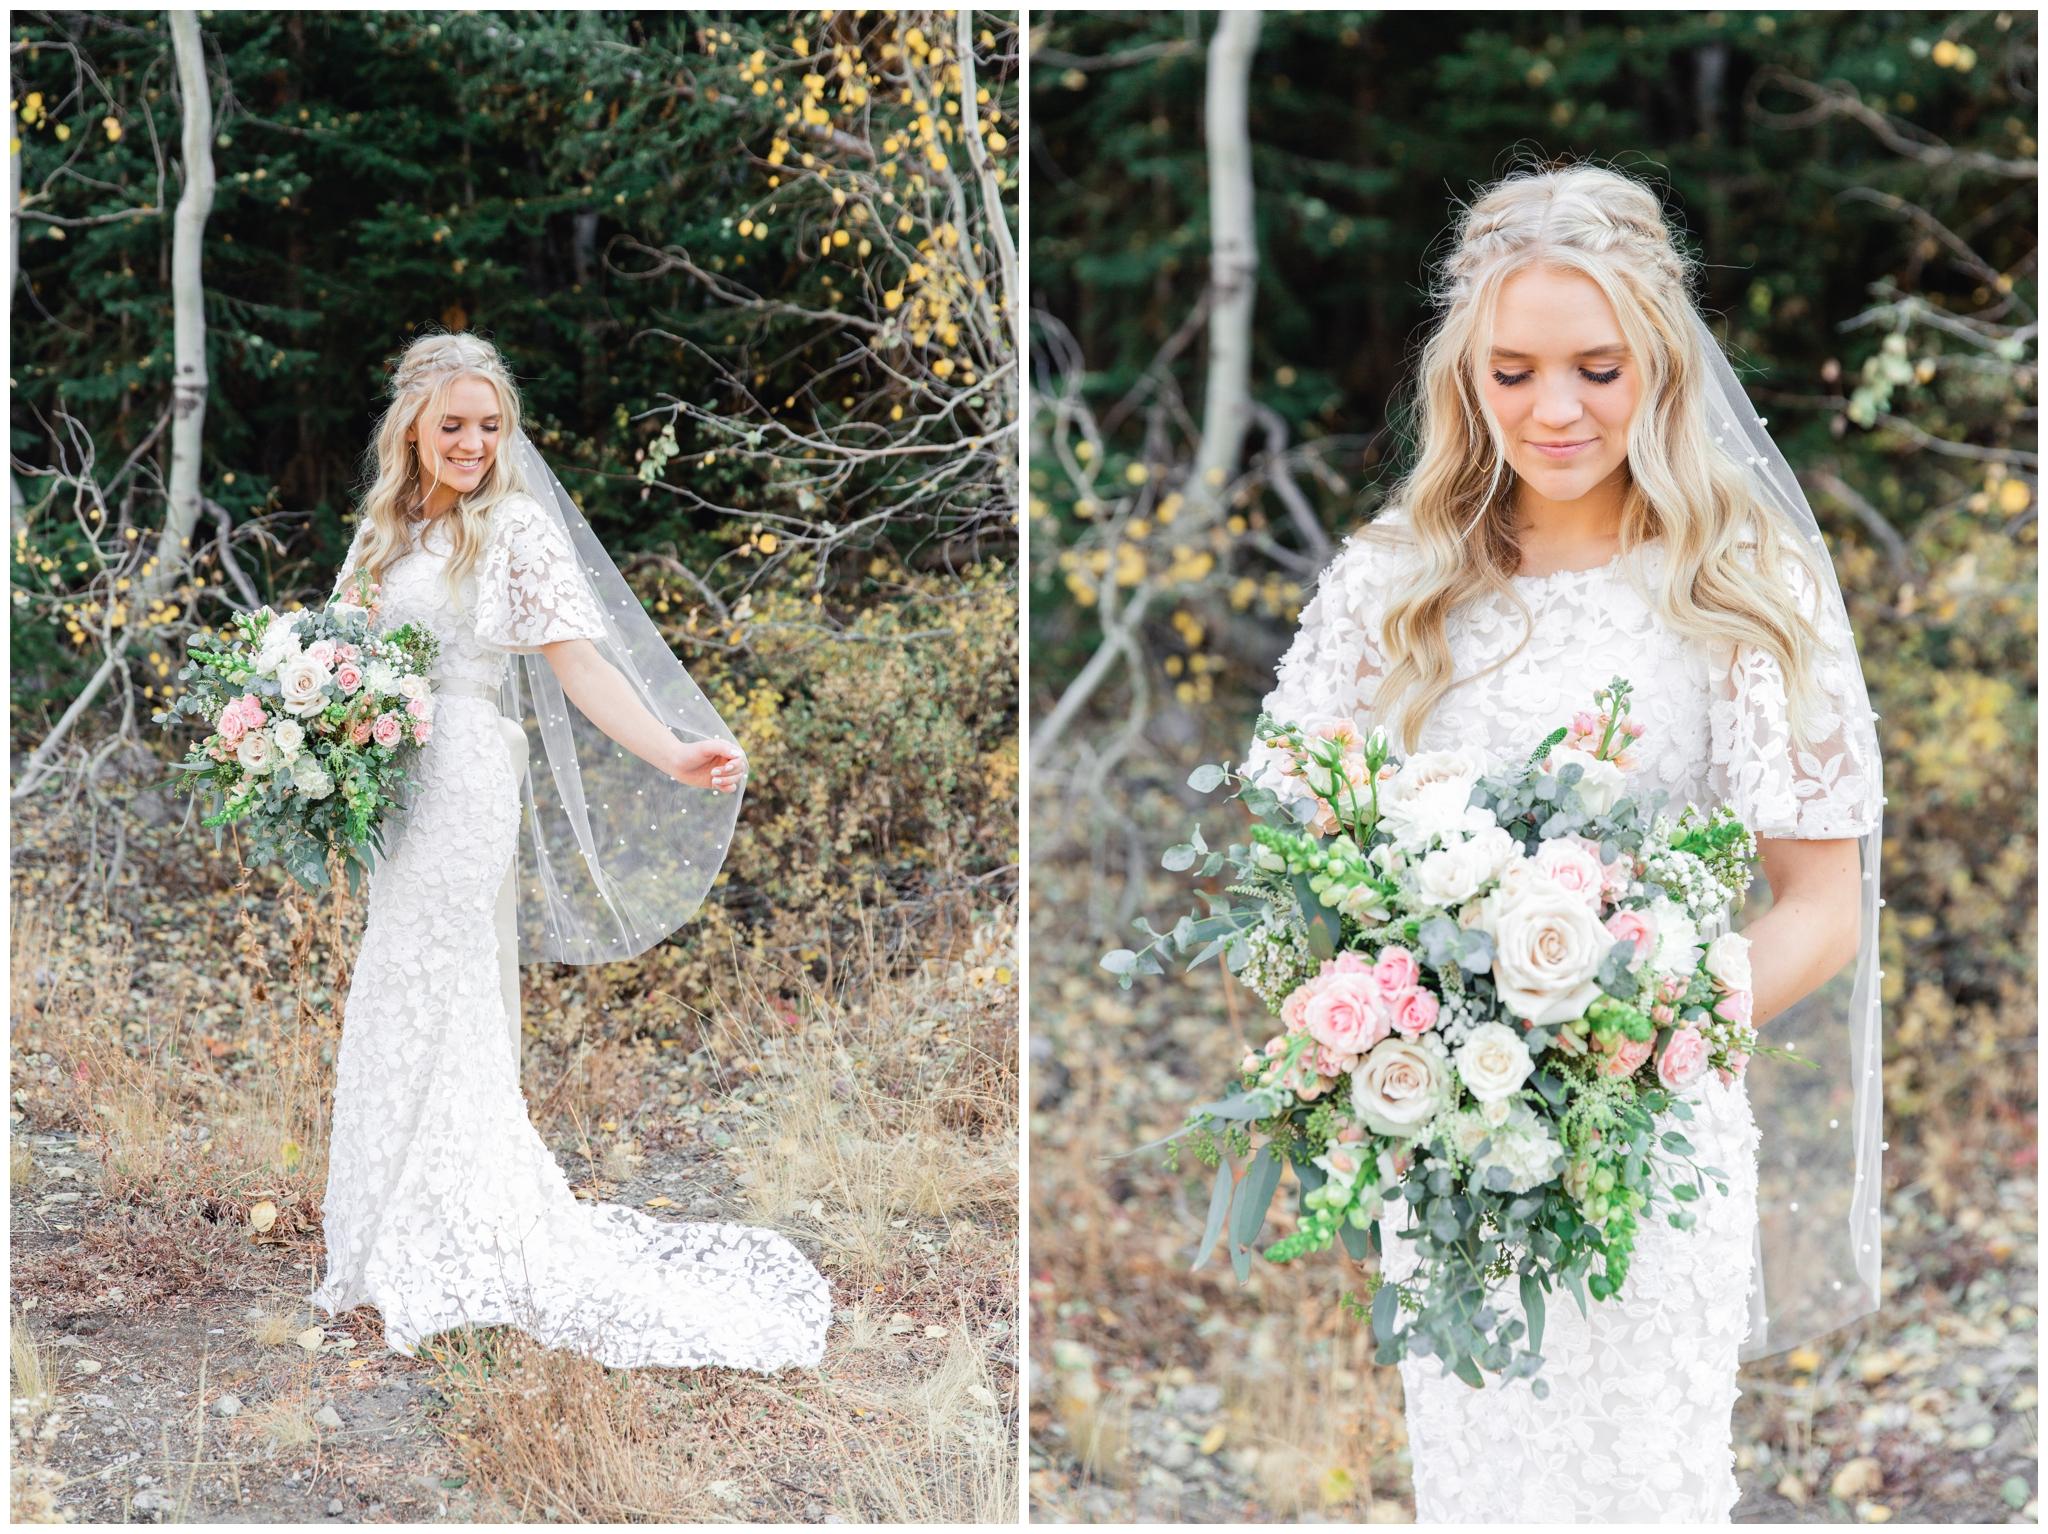 Bridals at Jordan pines